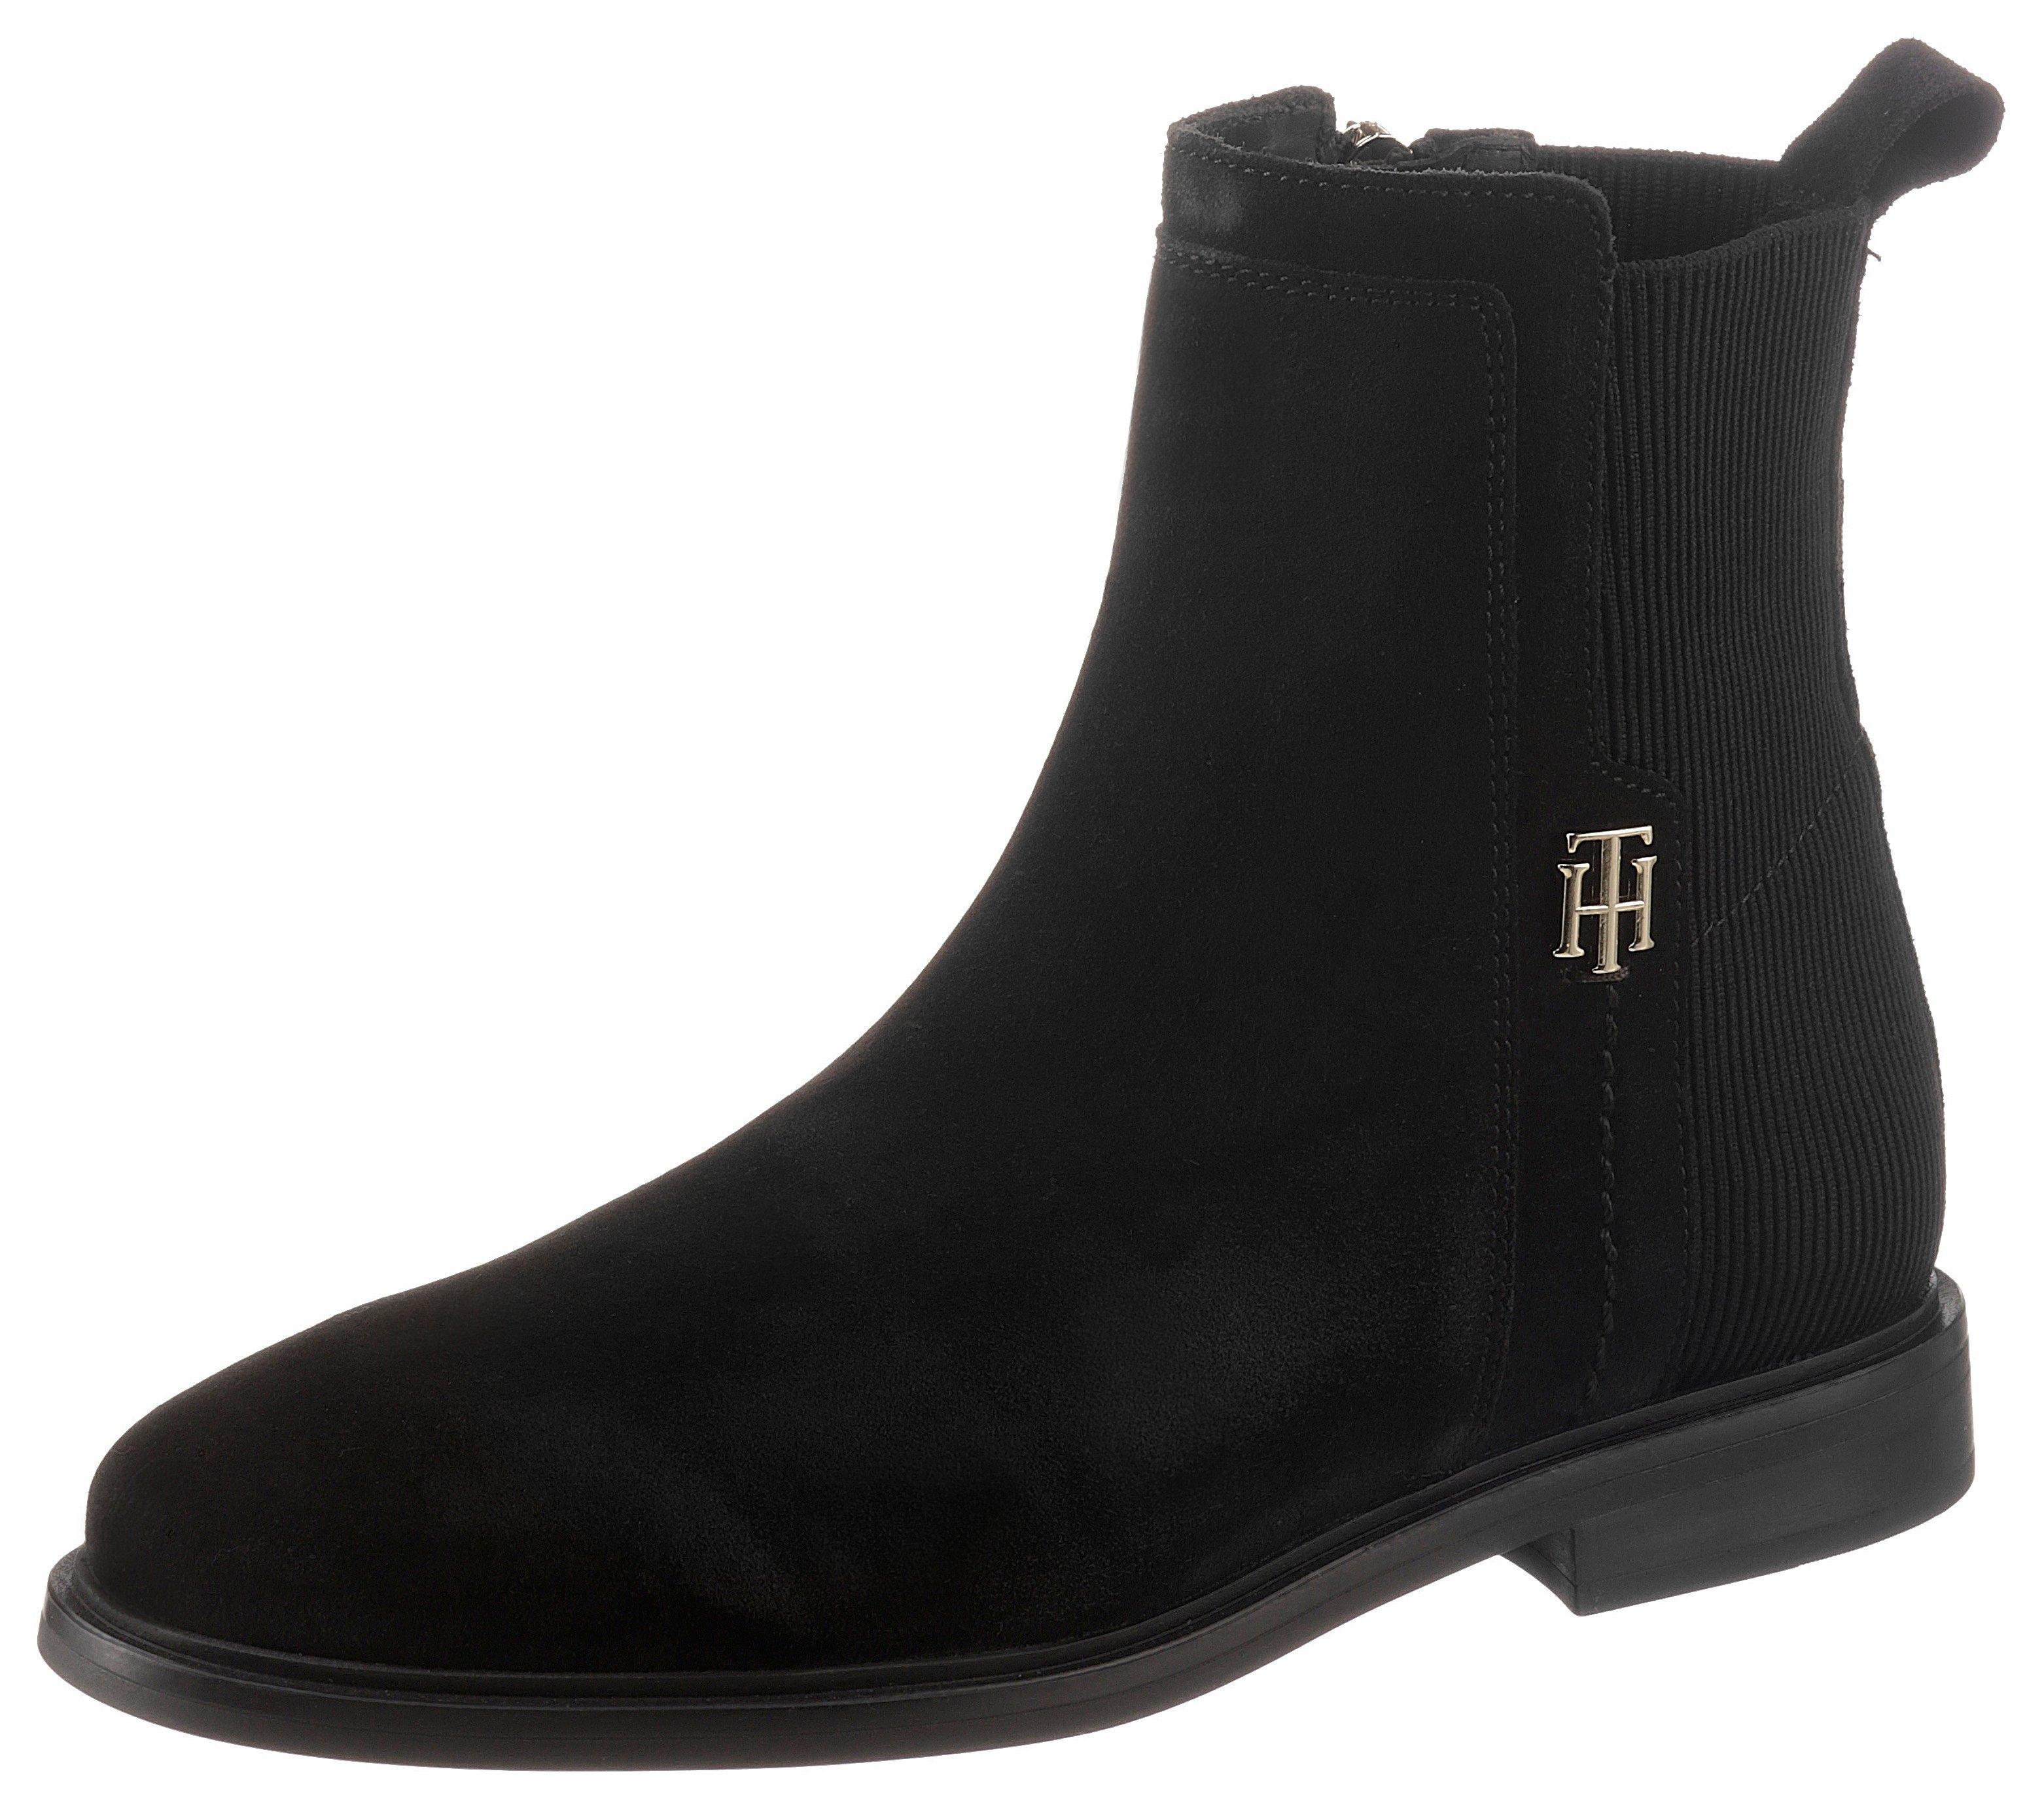 Tommy Hilfiger Chelsea-boots TH ESSENTIALS FLAT BOOT met th-sierelement - verschillende betaalmethodes